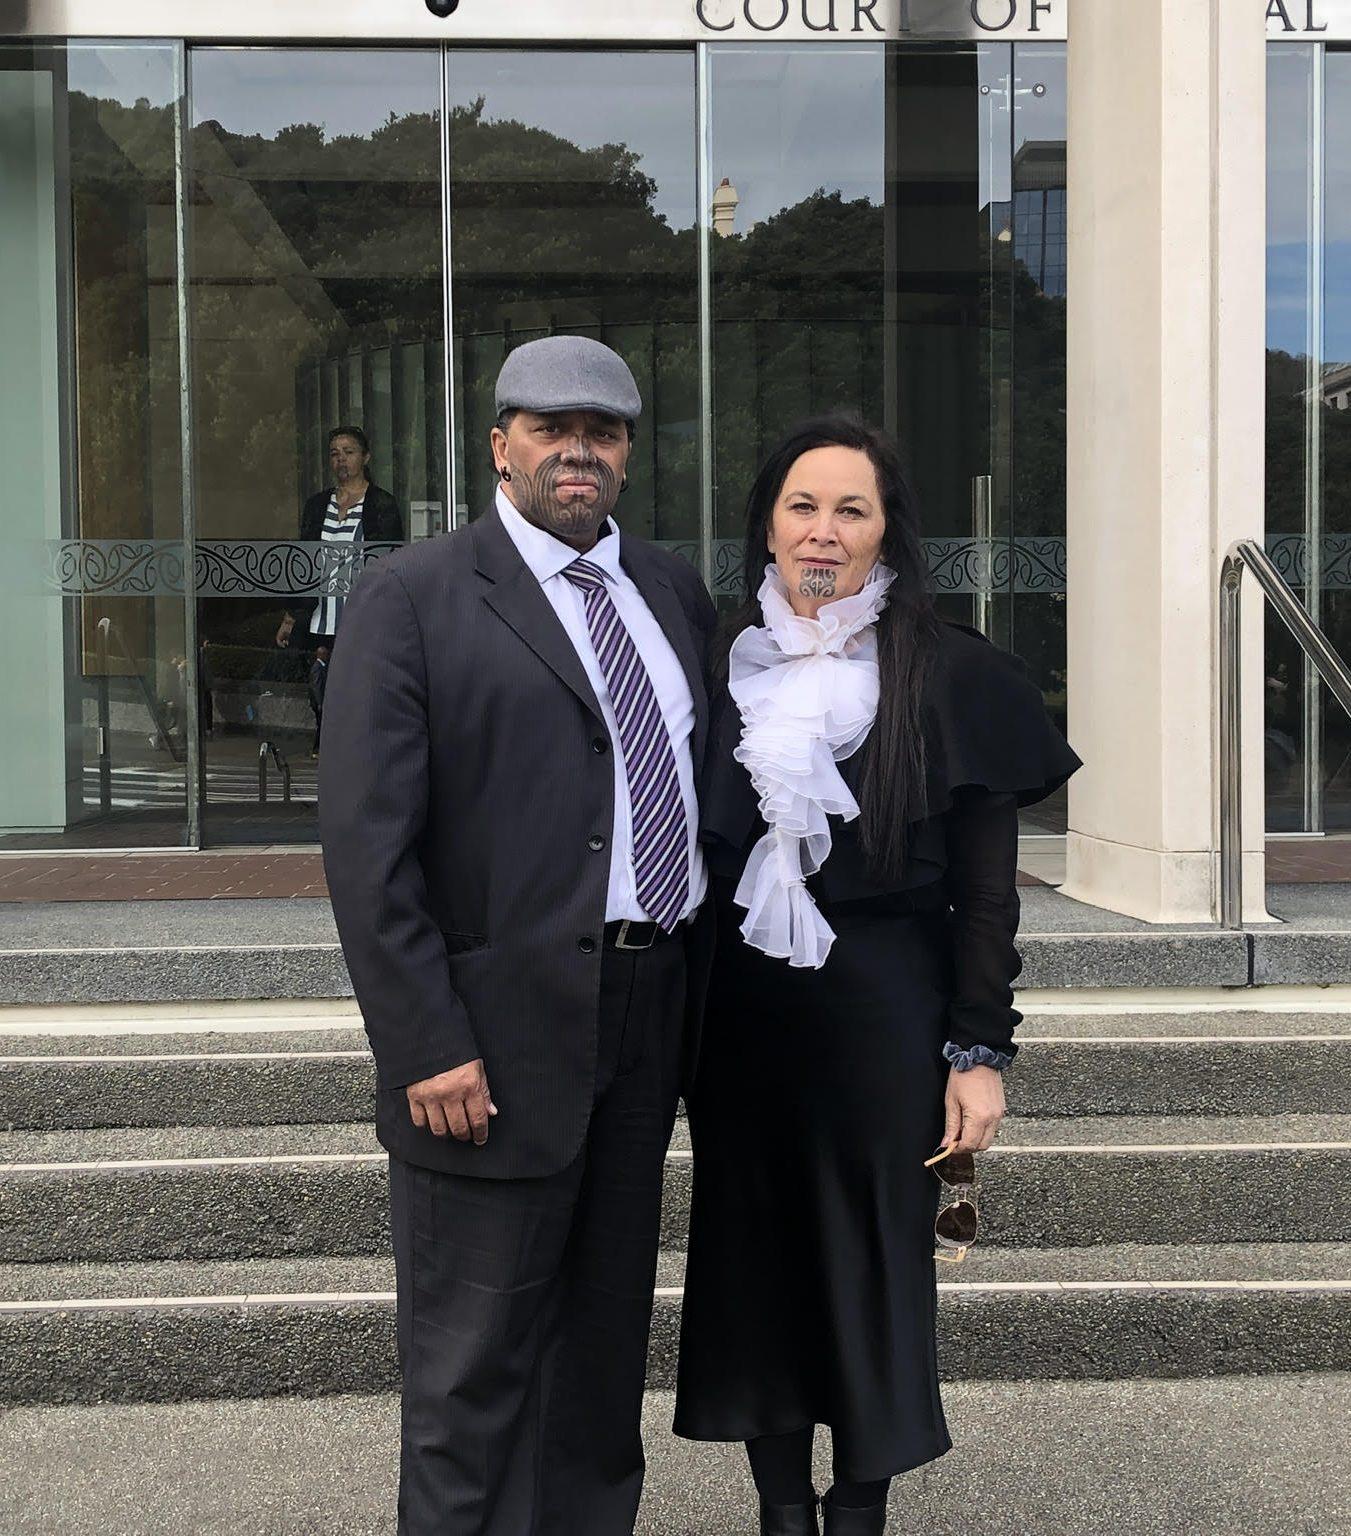 Haimona Maruera, Tumu Whakarae of Te Rūnanga o Ngāti Ruanui, and Debbie Ngarewa-Packer outside the Court of Appeal in Wellington. In April, Ngāti Ruanui won their appeal to stop seabed mining off the South Taranaki coast.